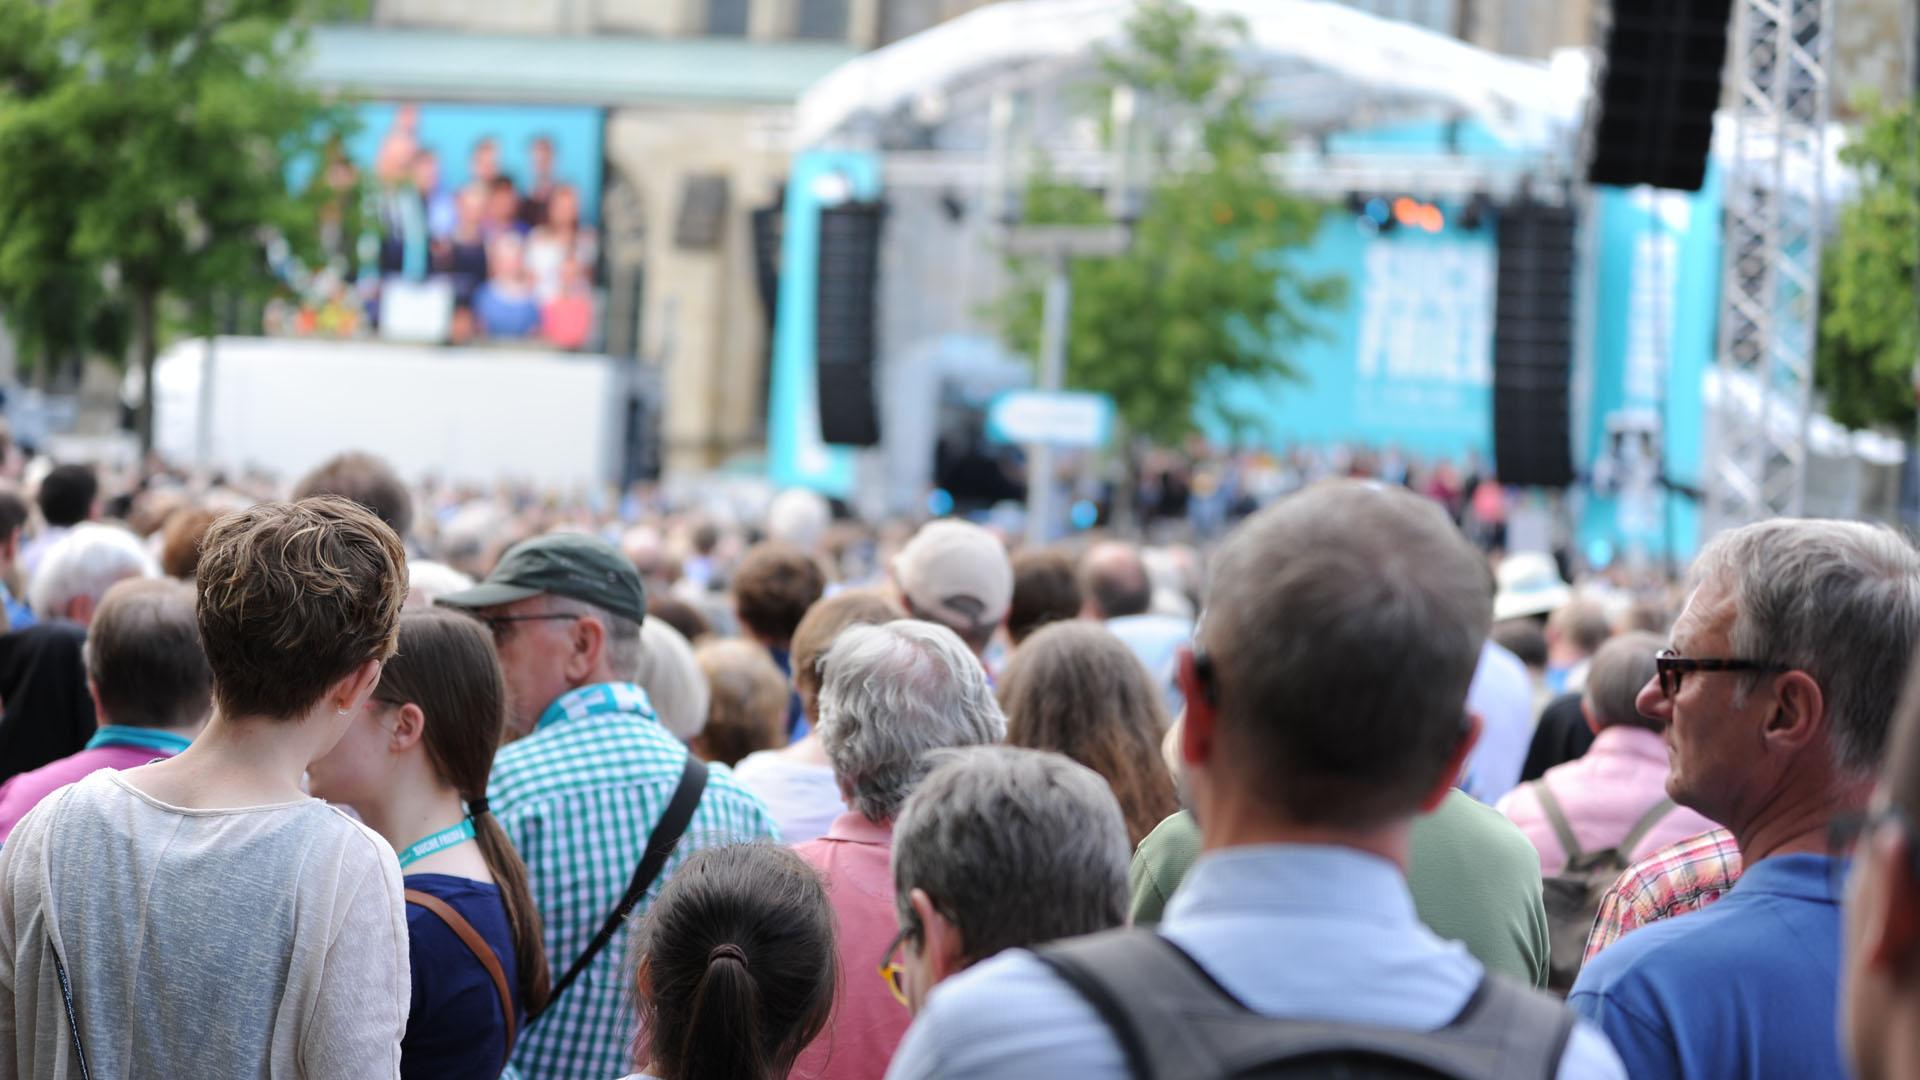 Laut Veranstalter kamen am Mittwochabend 18.000 Menschen auf dem Domplatz zusammen